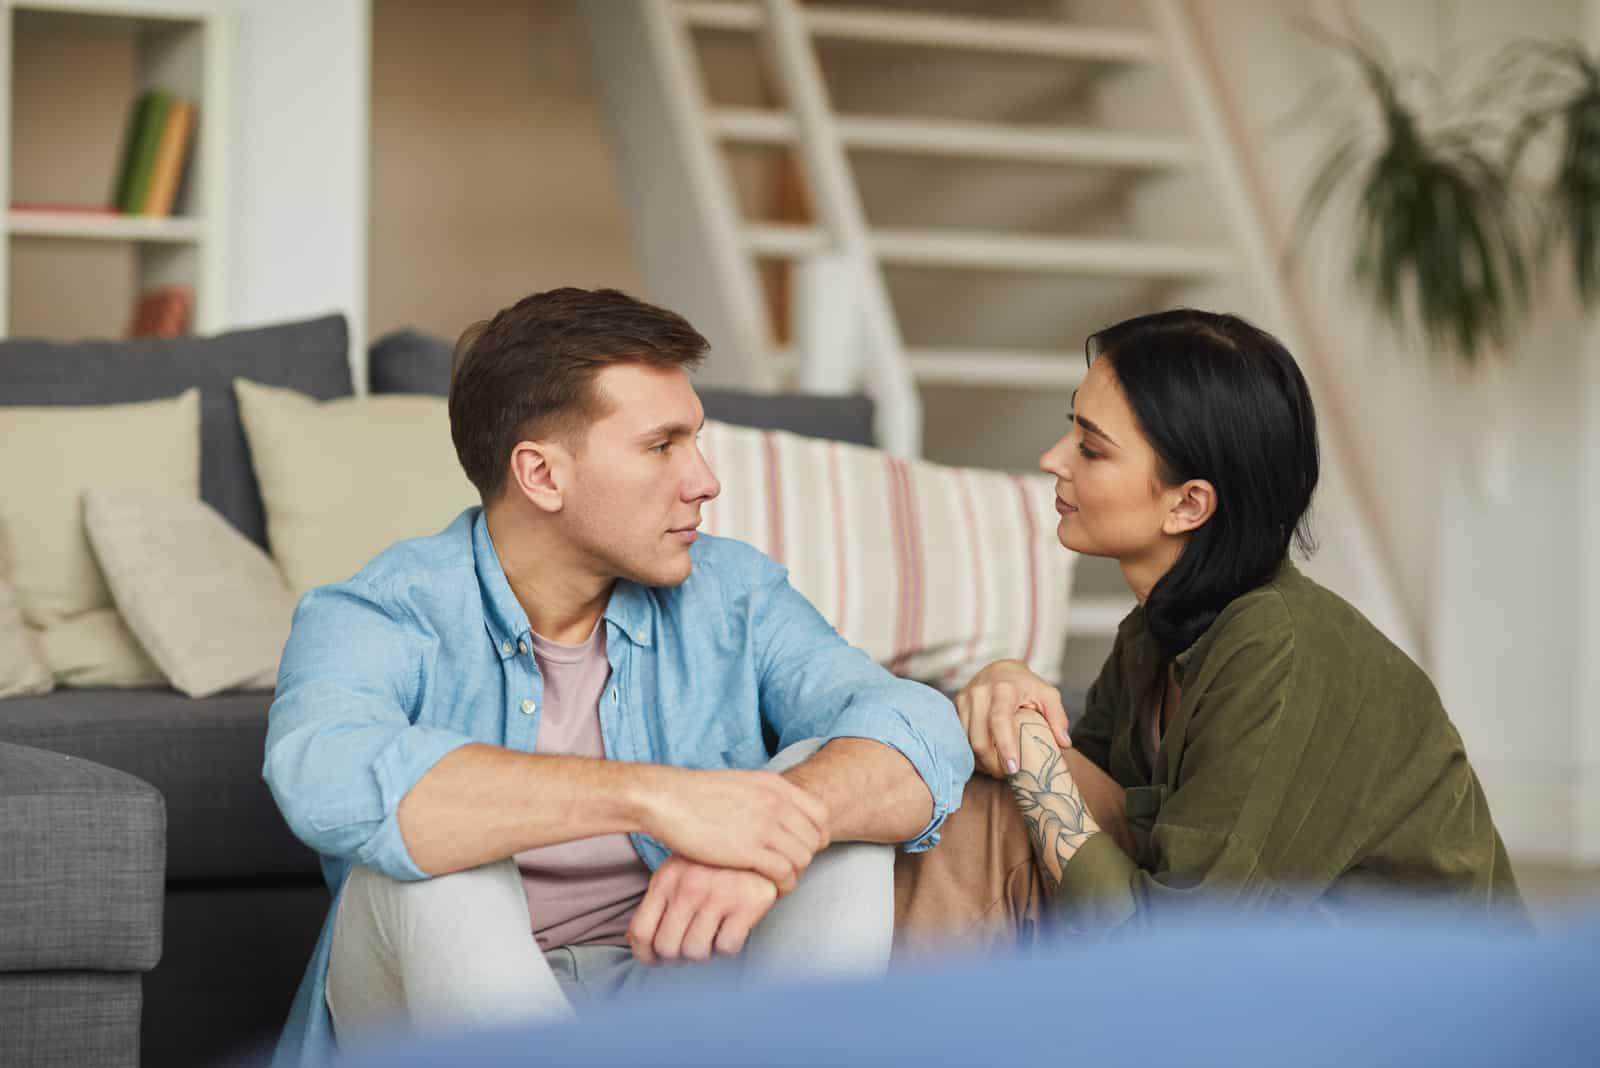 junges Paar im Gespräch miteinander